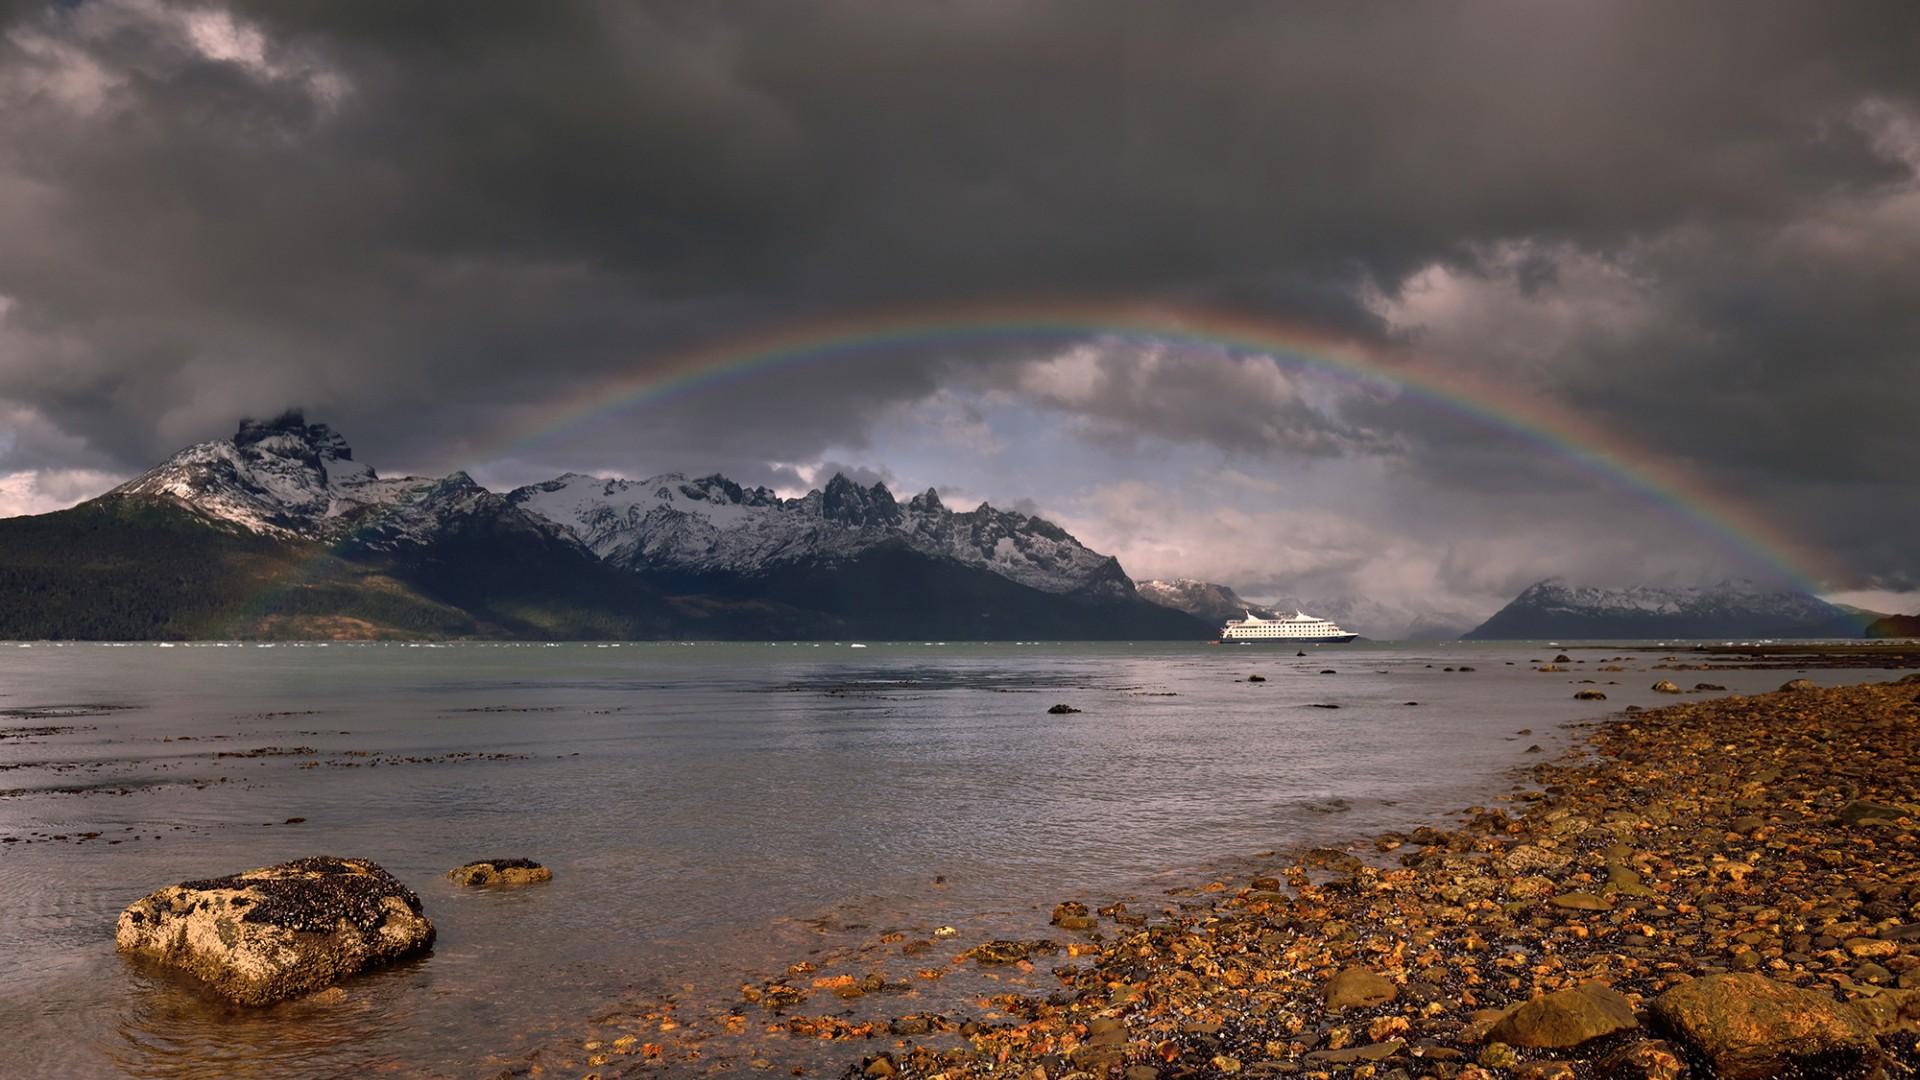 Rainbow over a fjord in Tierra del Fuego, Patagonia